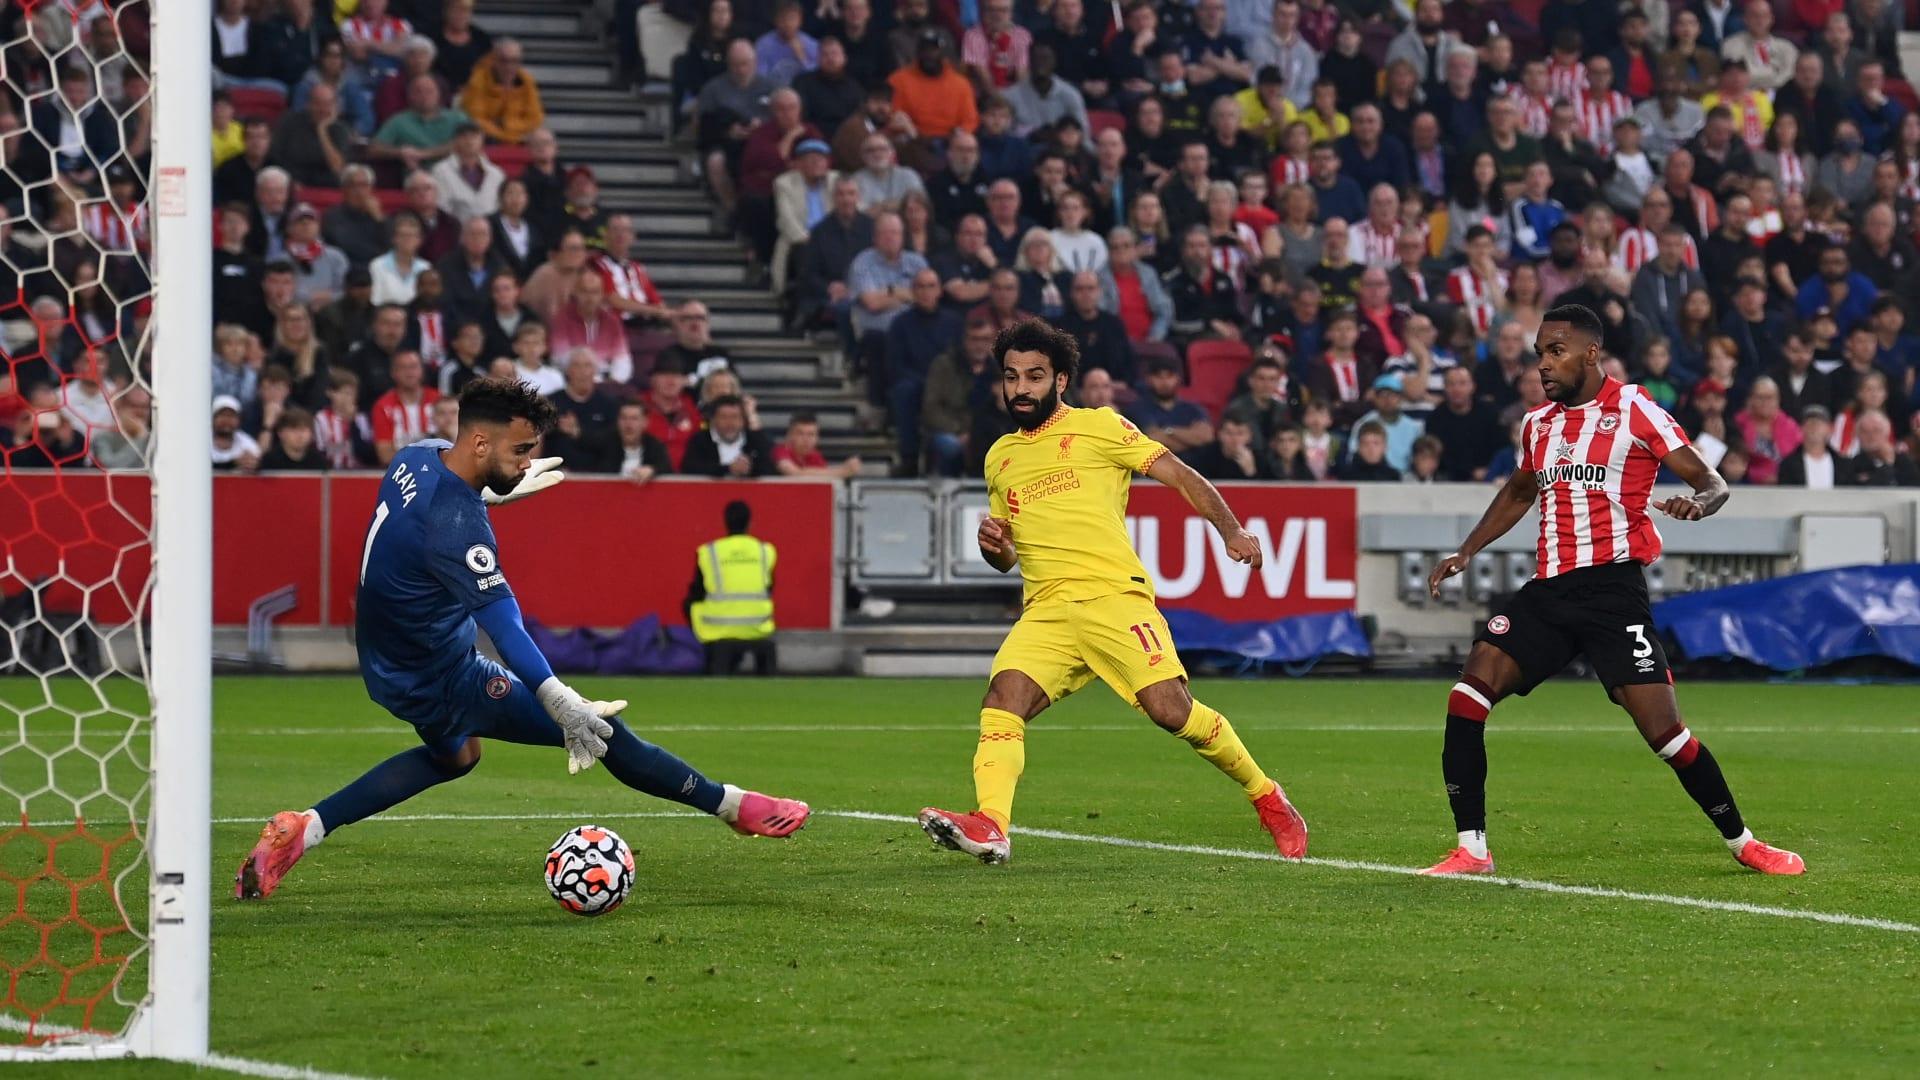 محمد صلاح أسرع لاعب يسجل الهدف رقم 100 في تاريخ ليفربول الإنجليزي